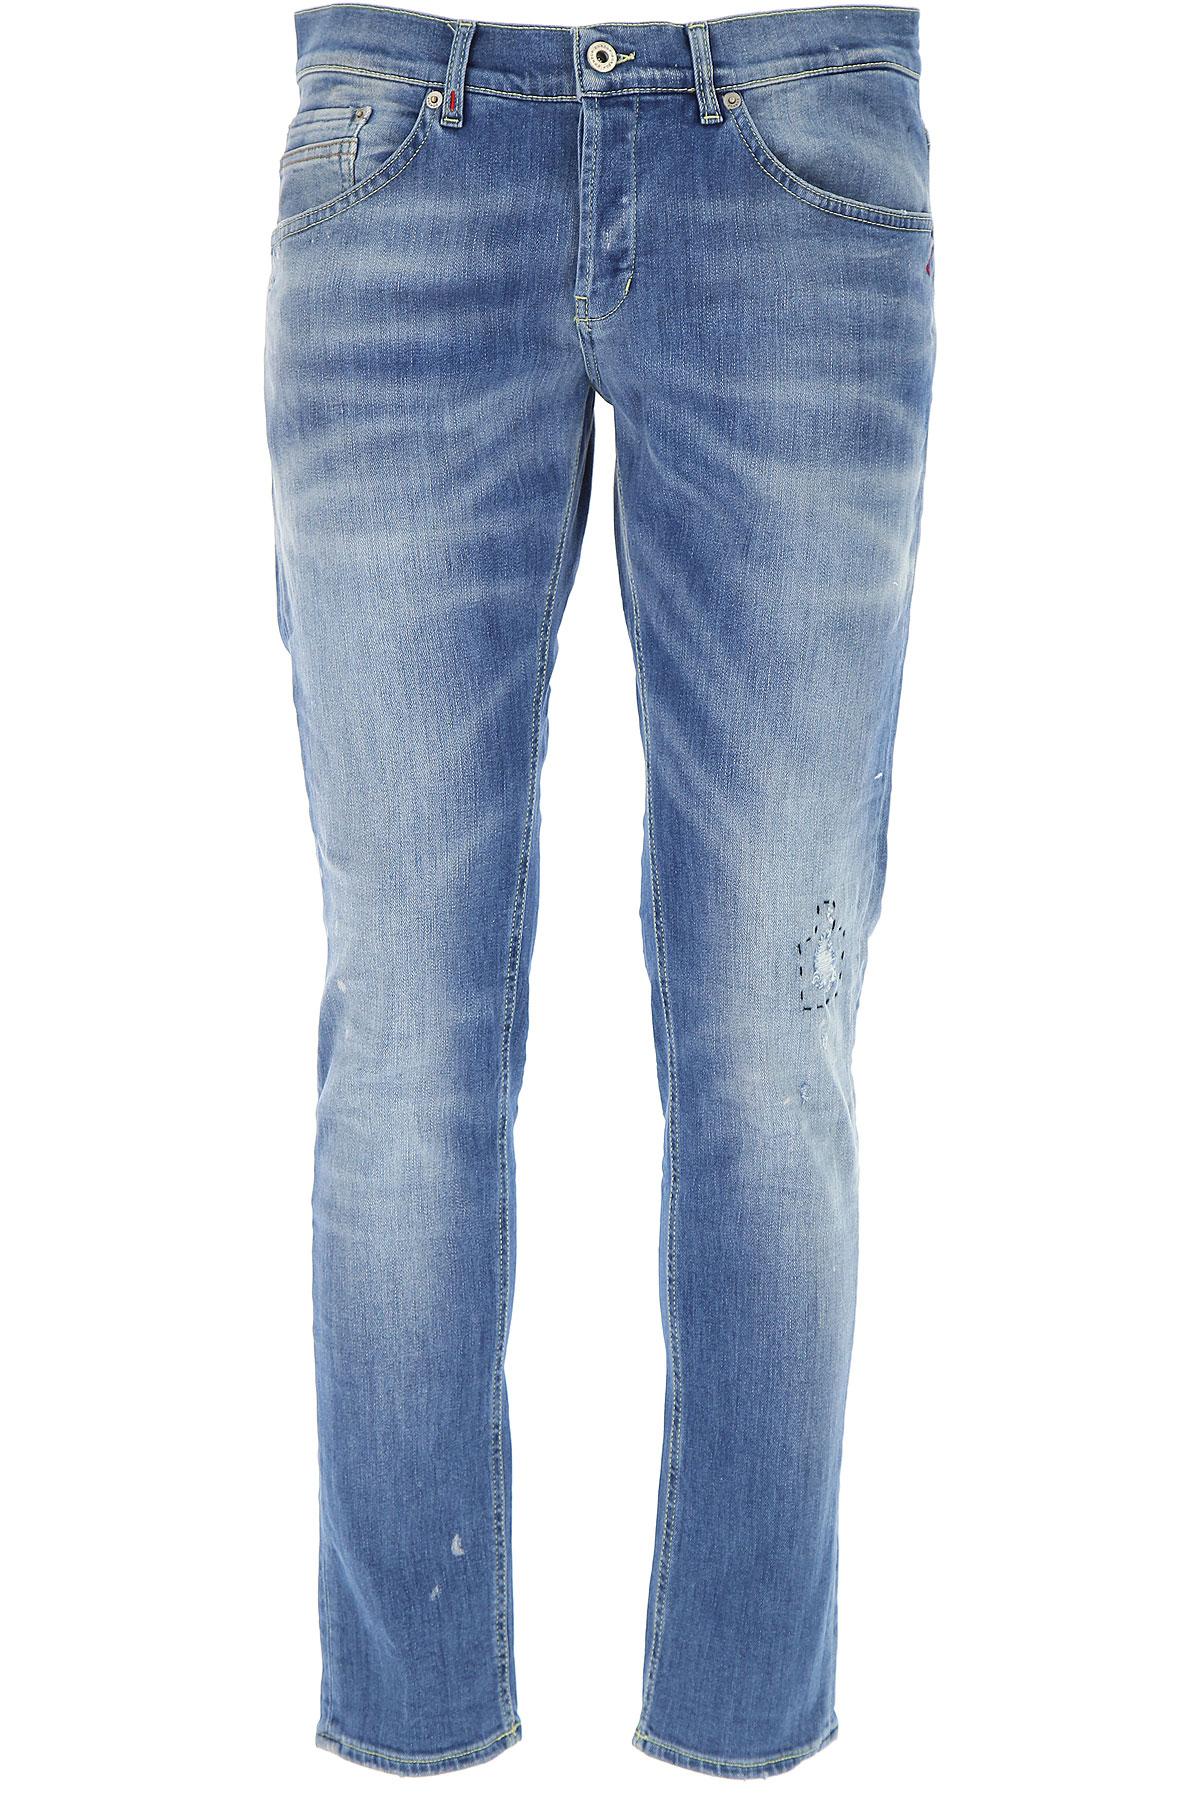 Dondup Jeans On Sale, Denim Blue, Cotton, 2017, 30 31 33 34 35 36 38